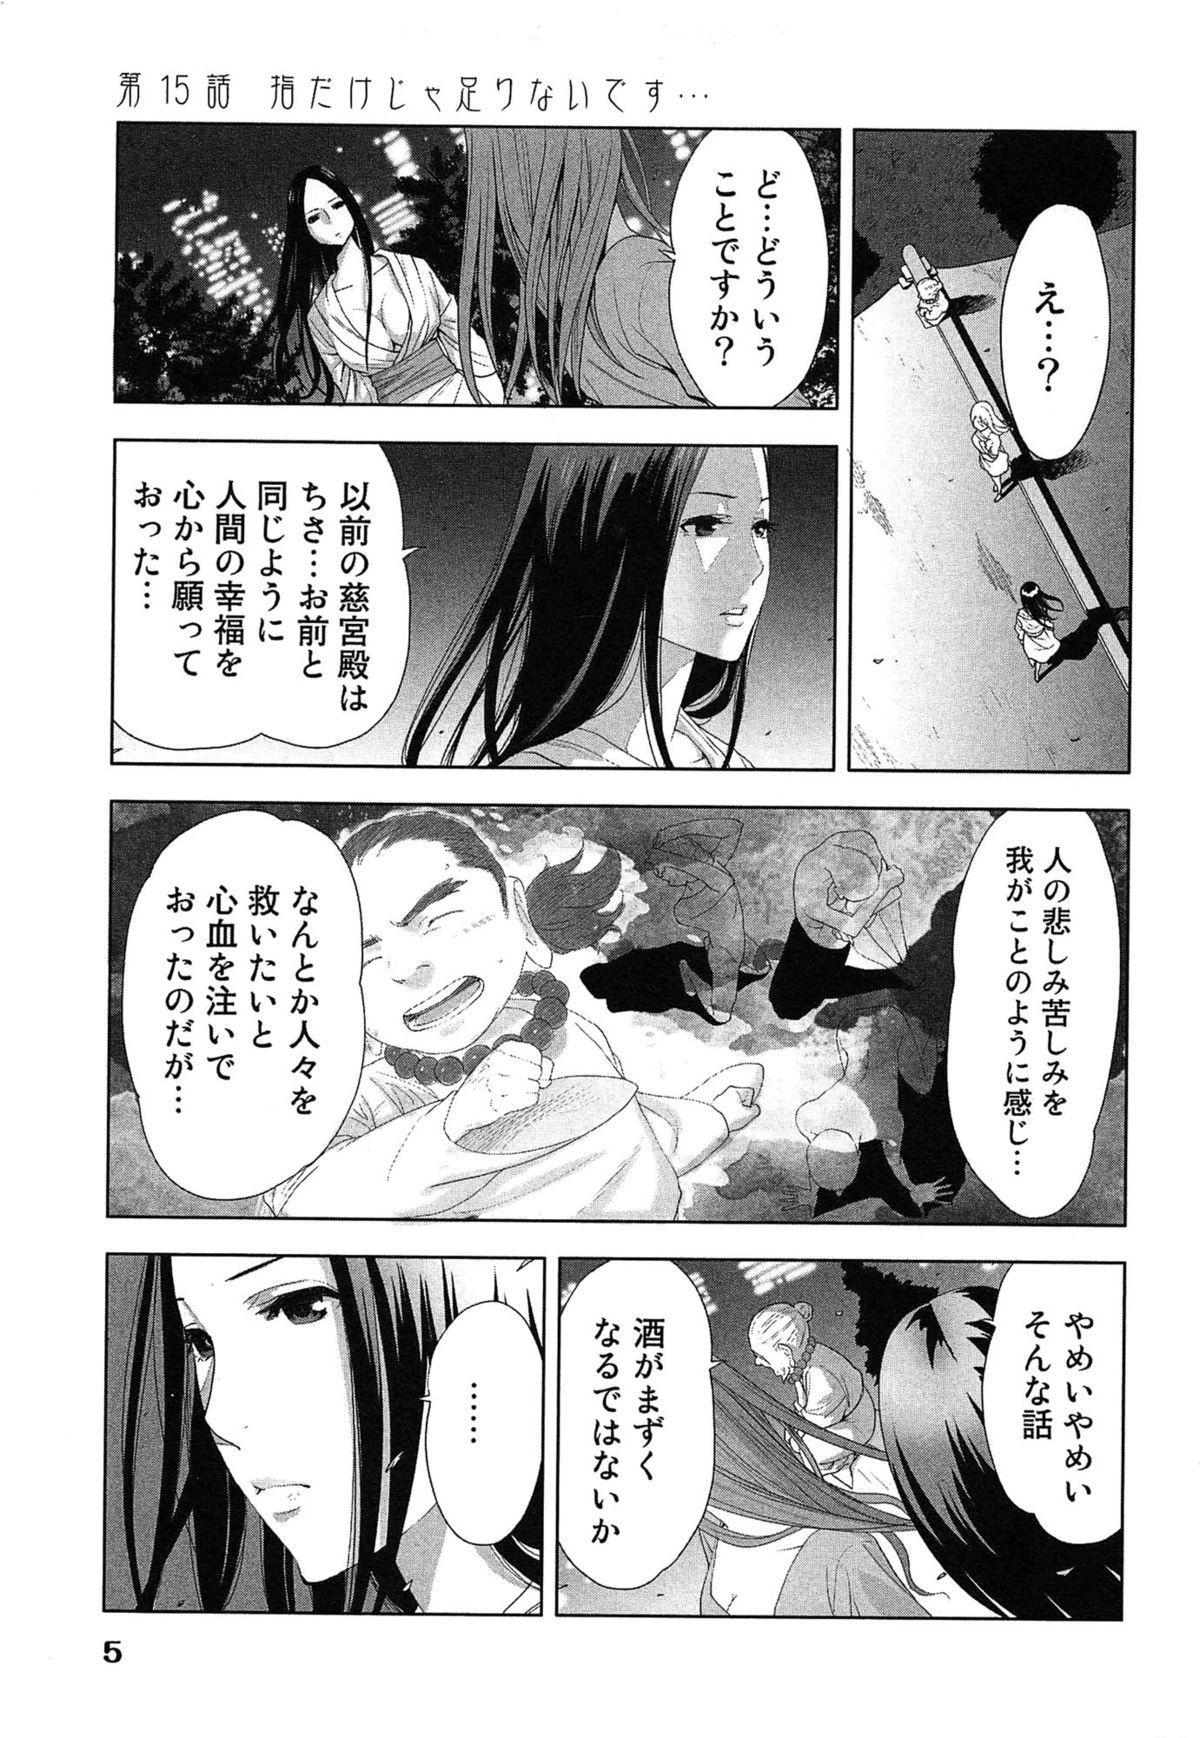 Megami to Ichinen Kura Shite Mita. 2 8